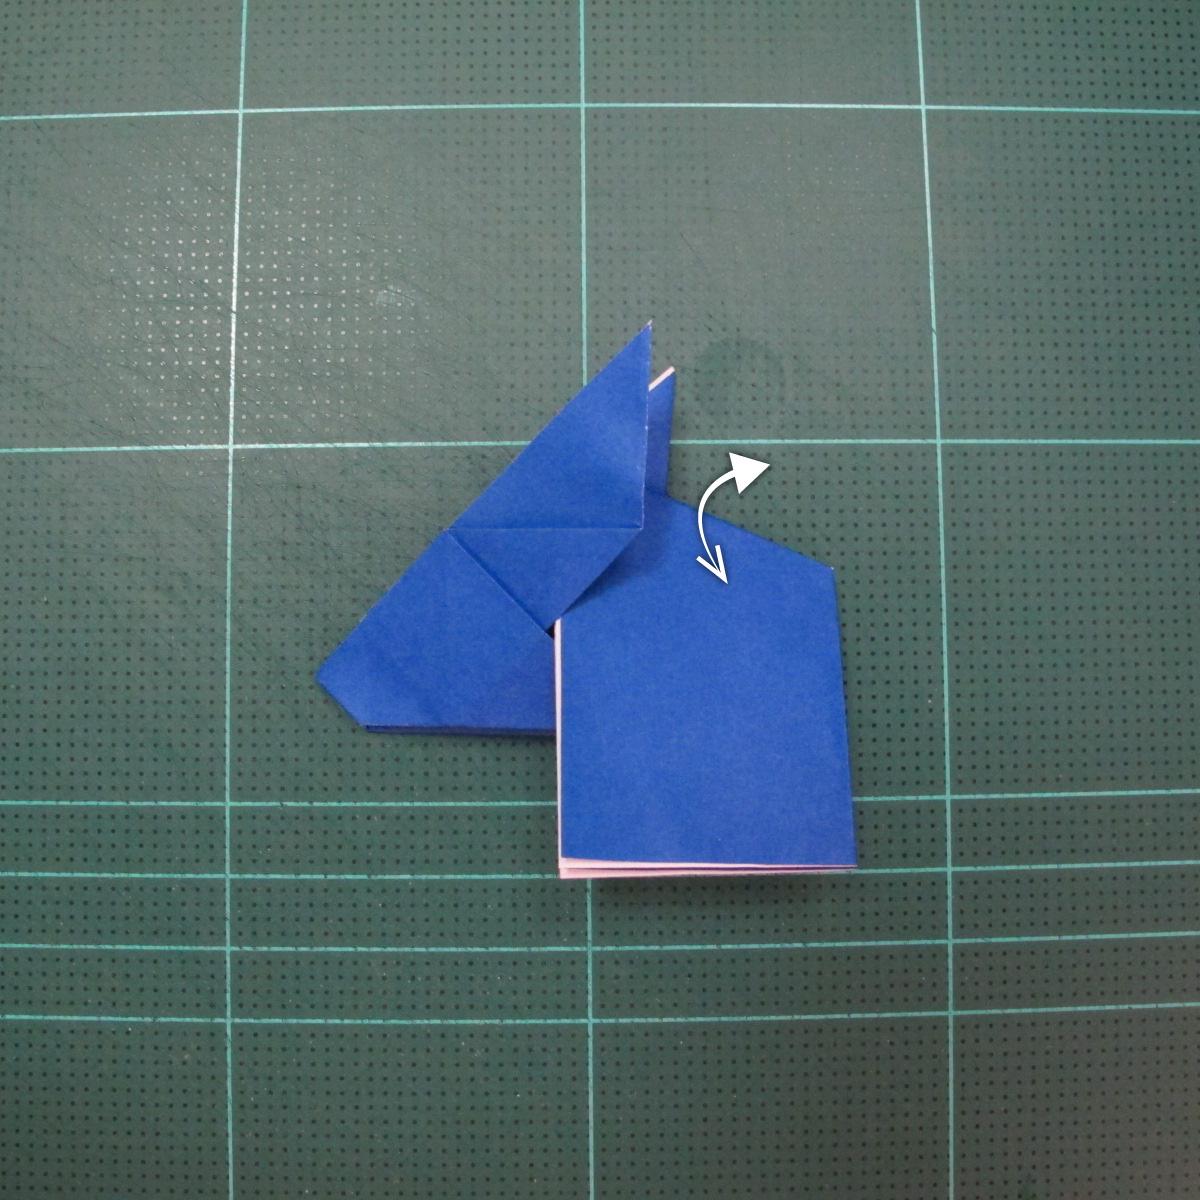 วิธีการพับกระดาษเป็นรูปกระต่าย แบบของเอ็ดวิน คอรี่ (Origami Rabbit)  014